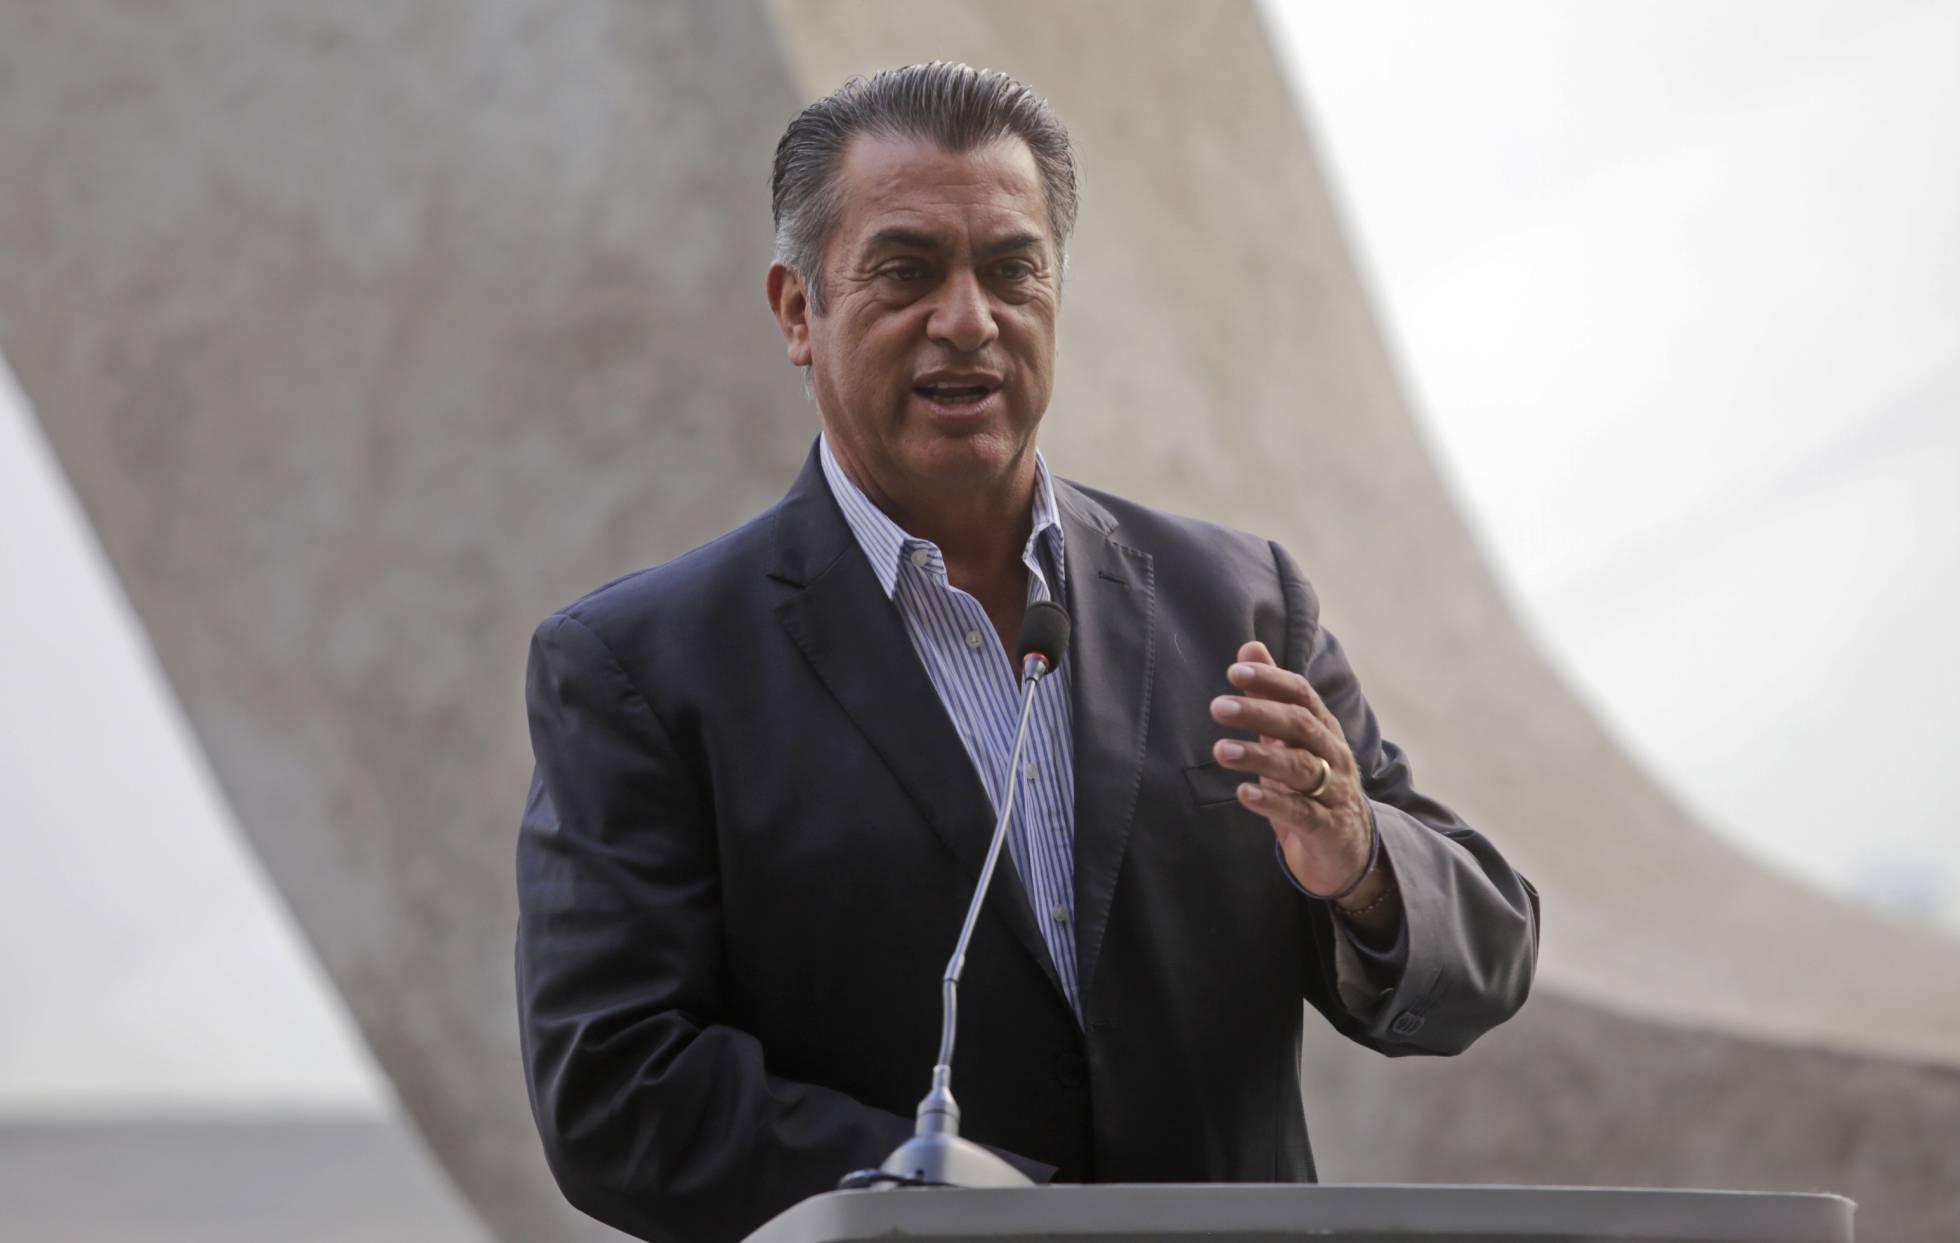 El Bronco buscará la presidencia de México en 2018